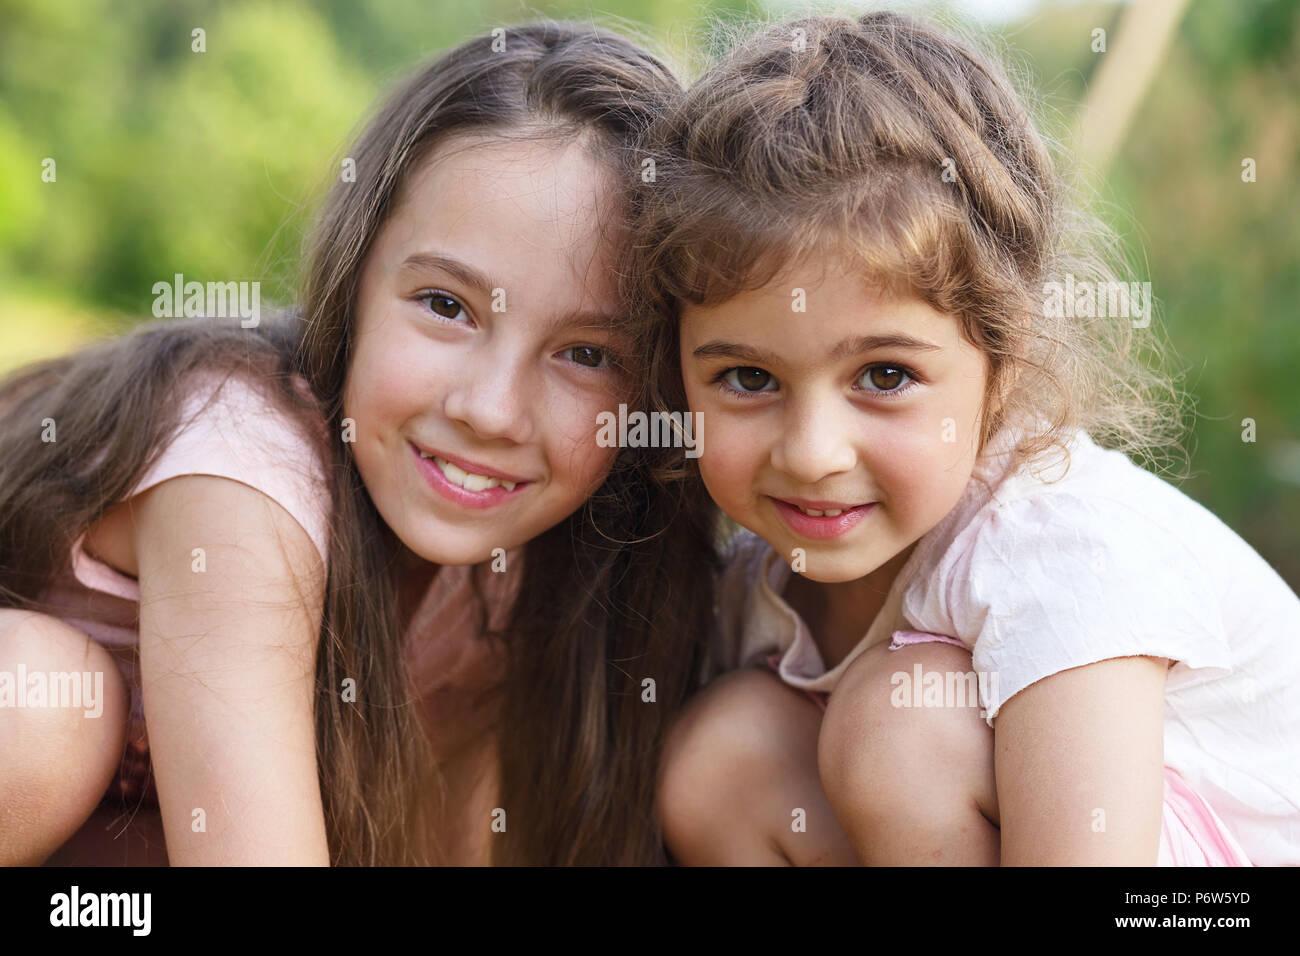 Felice di due bambine abbracciando al summer park Immagini Stock